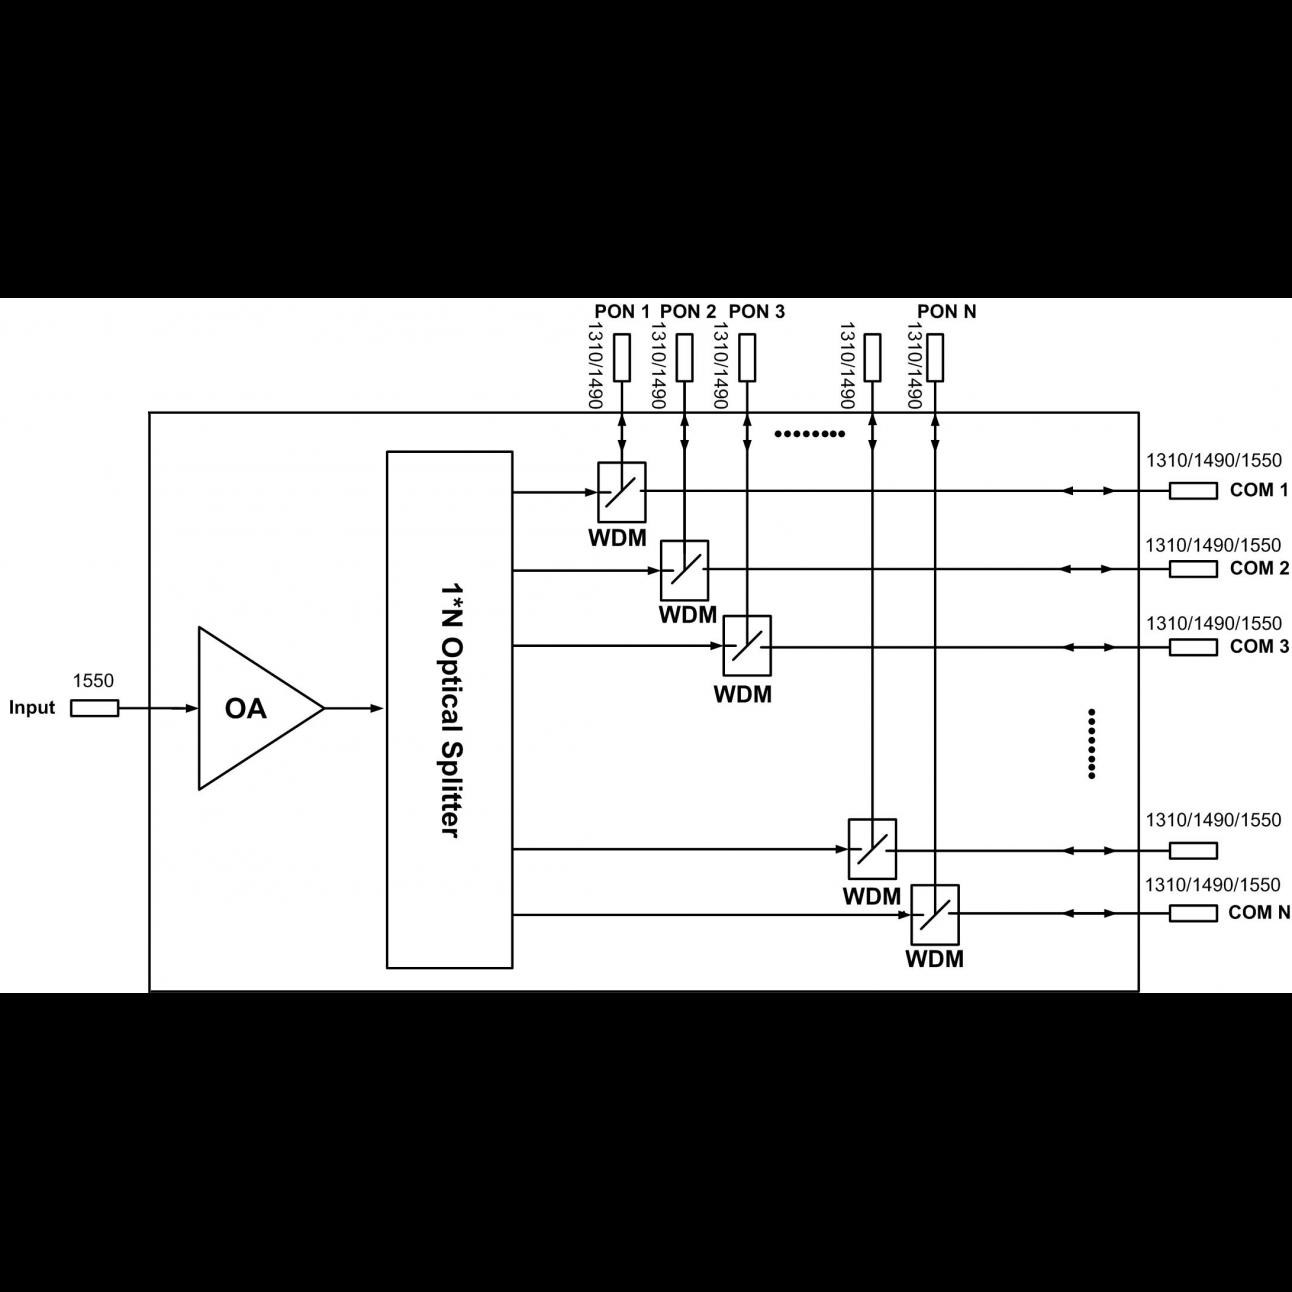 Оптический усилитель VERMAX для сетей КТВ, 16*21dBm, WDM фильтр PON